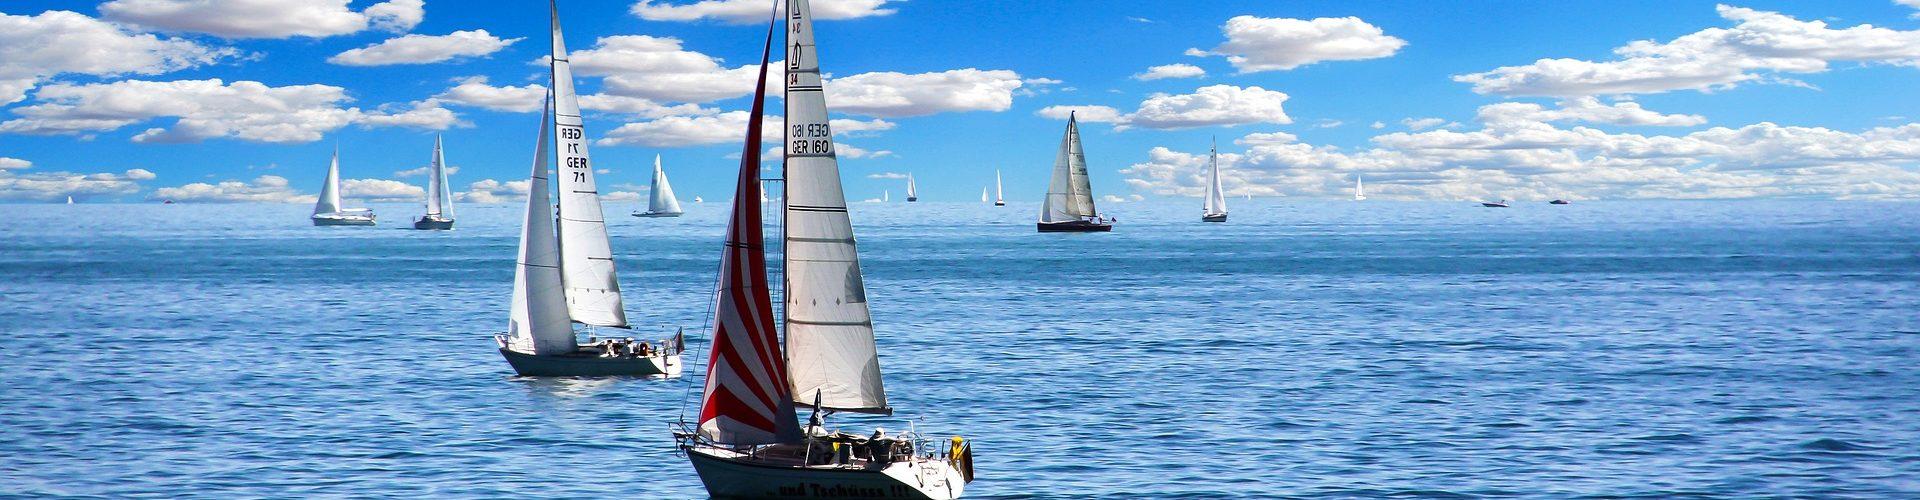 segeln lernen in Zierow segelschein machen in Zierow 1920x500 - Segeln lernen in Zierow